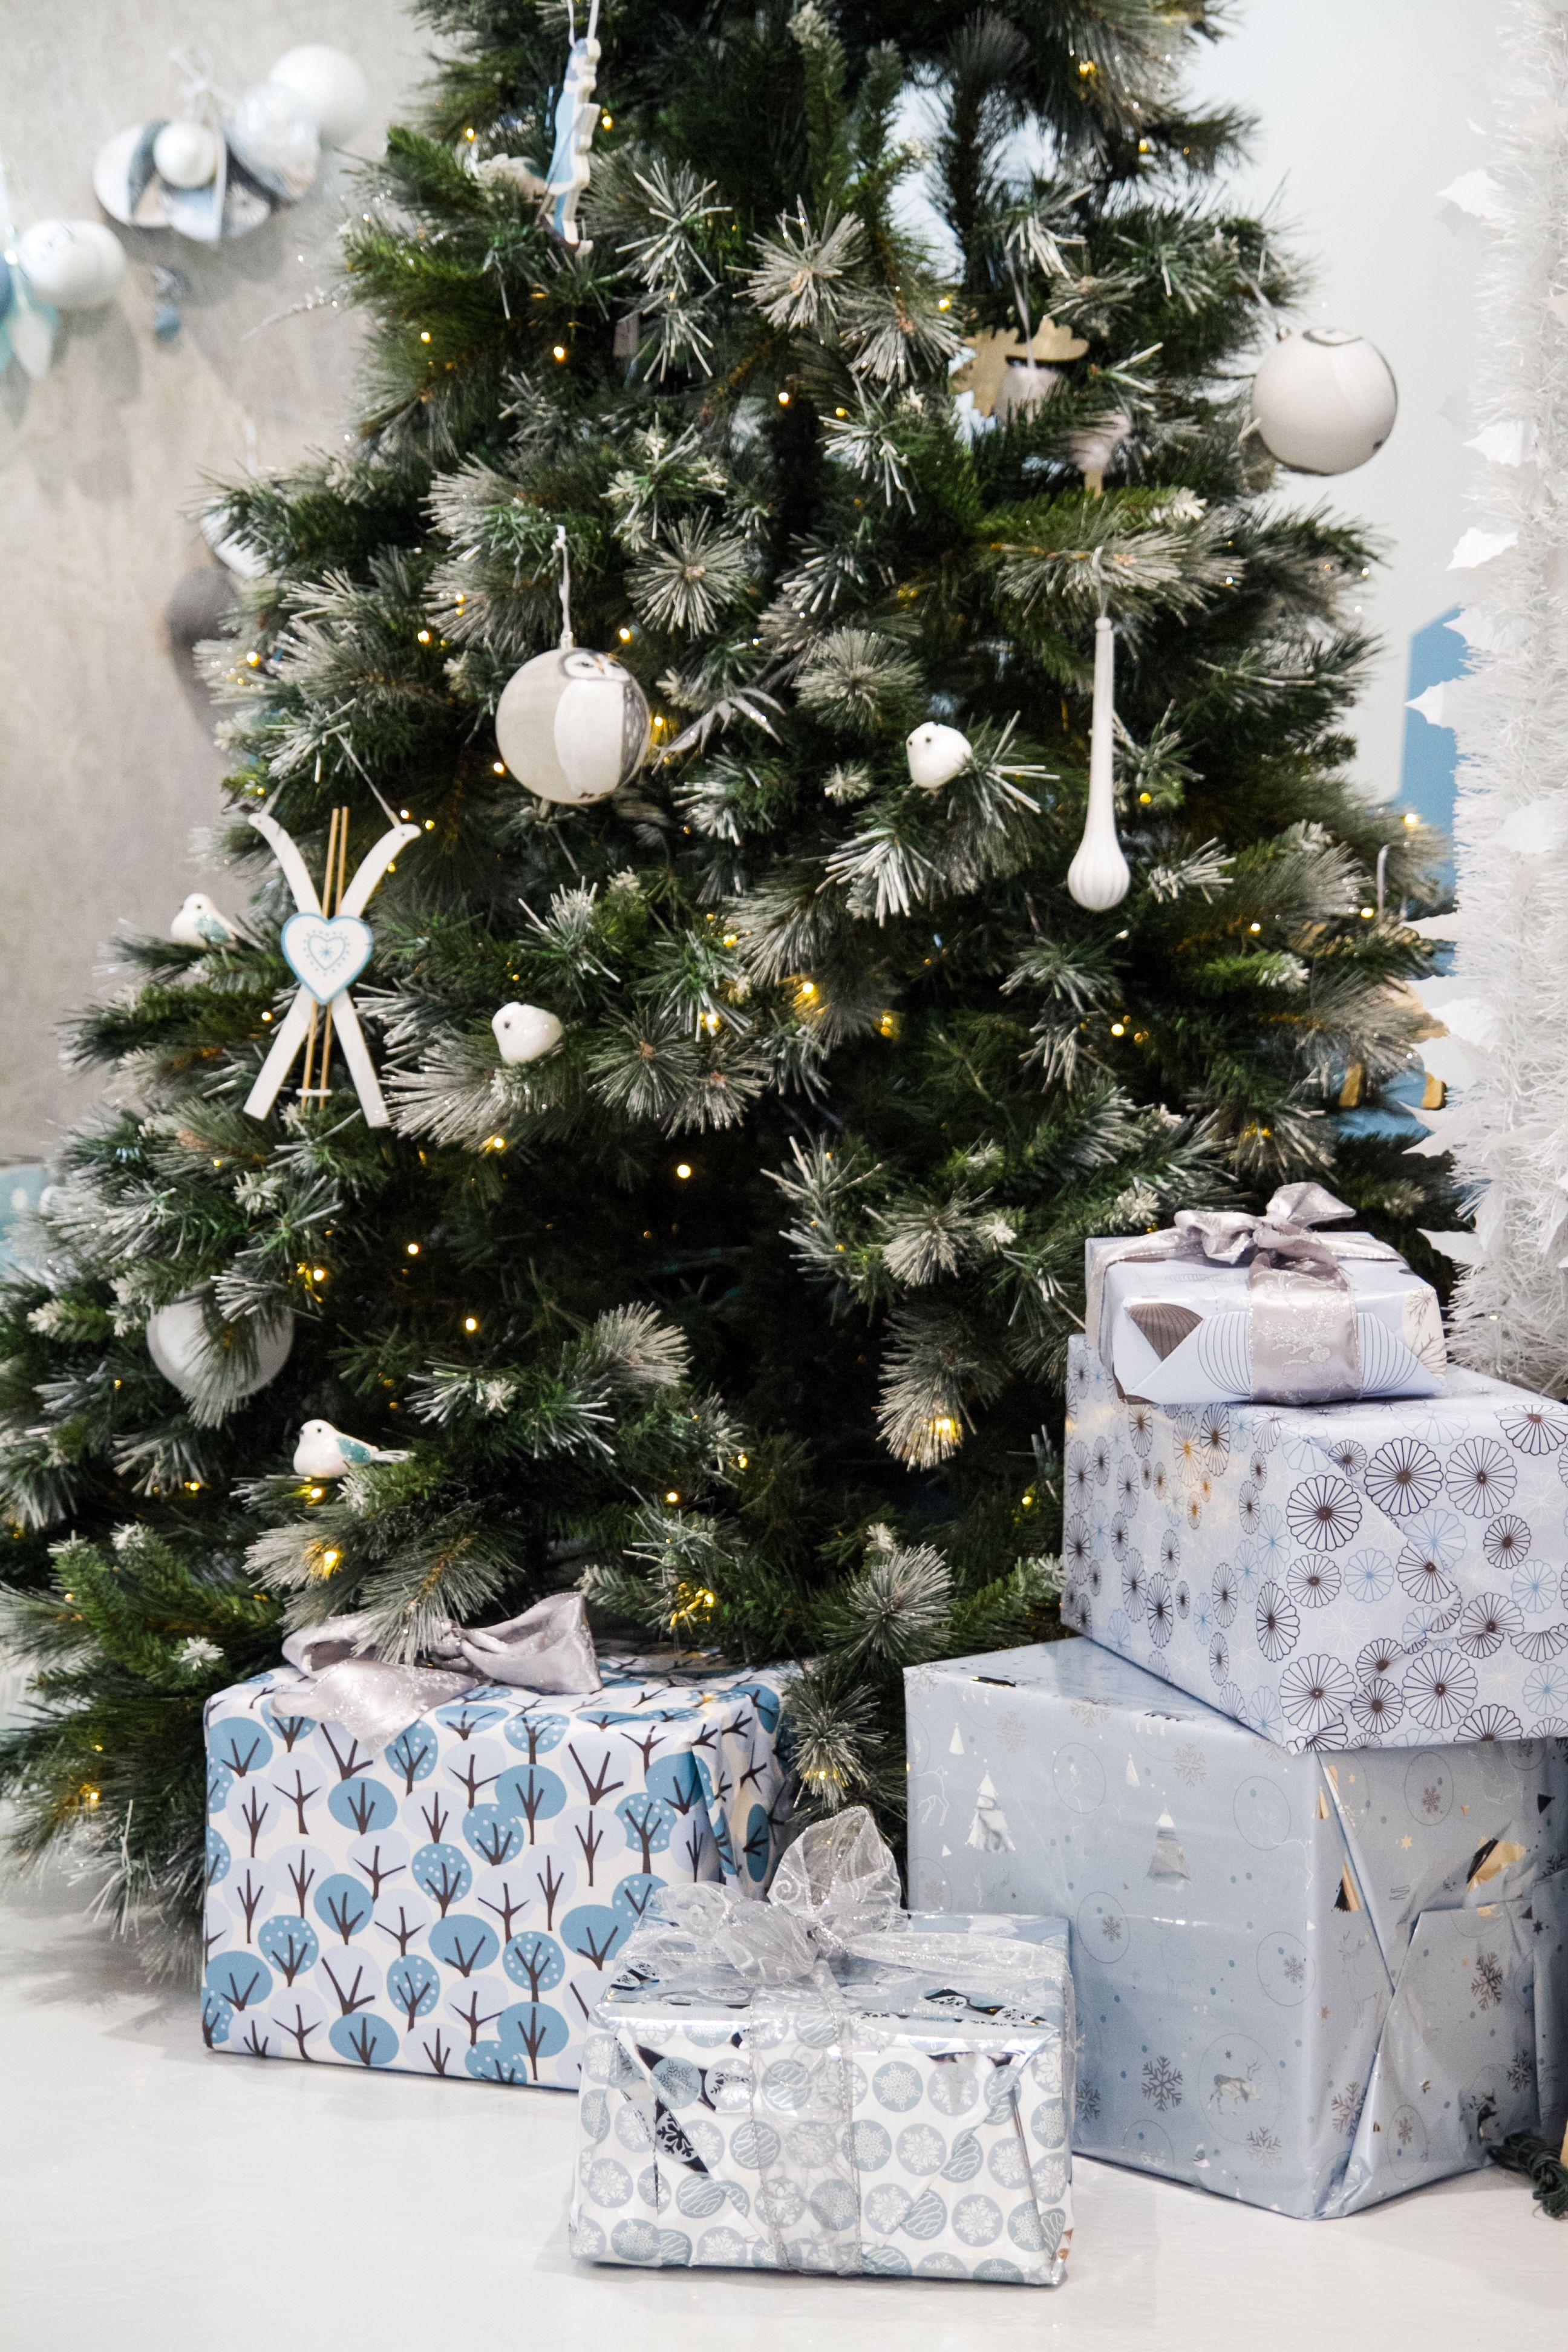 mon beau sapin et le papier cadeaux de noël argenté avec des motifs